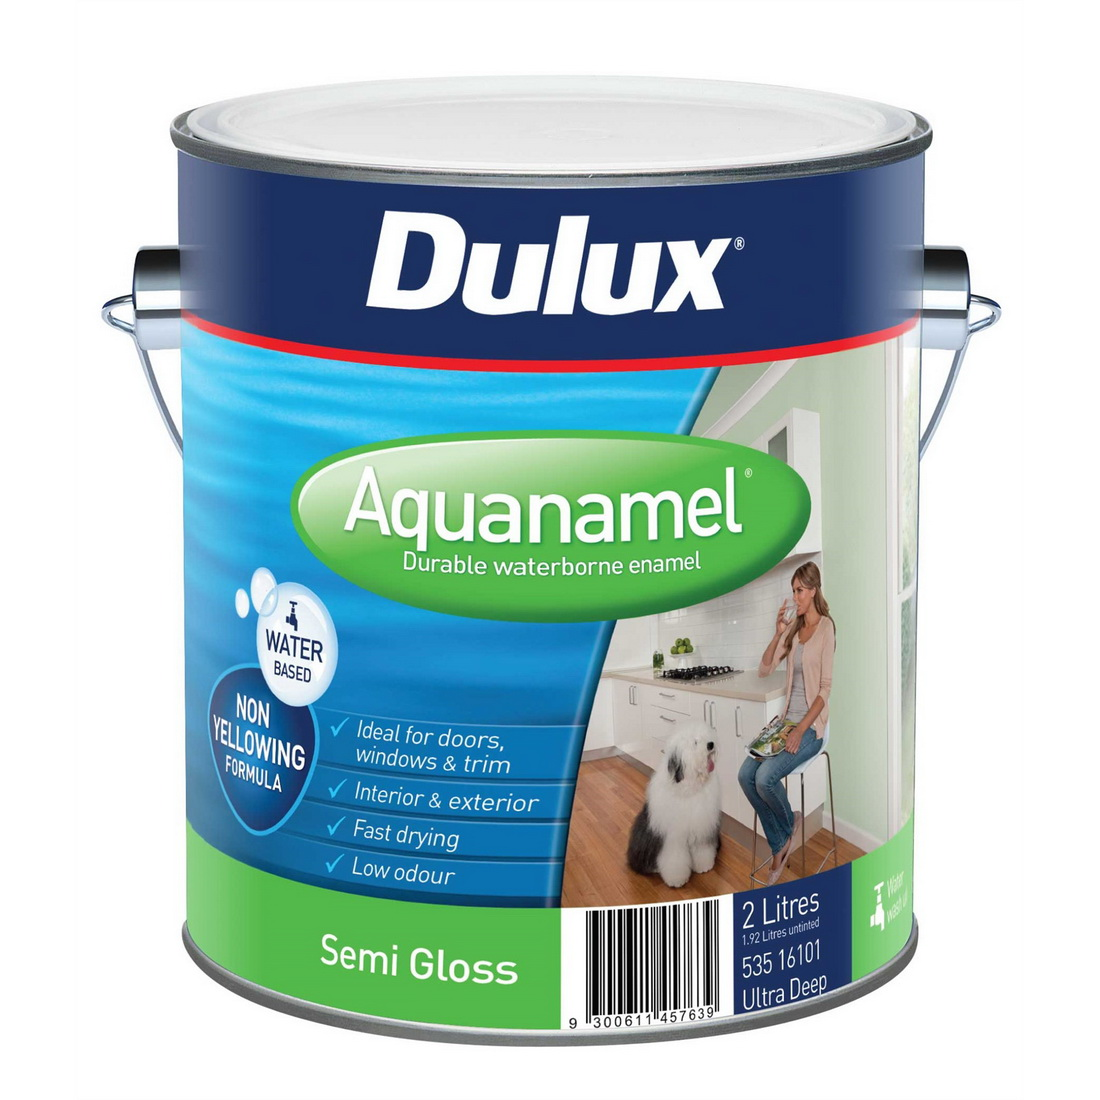 Aquanamel Semi Gloss Extra Bright 1L